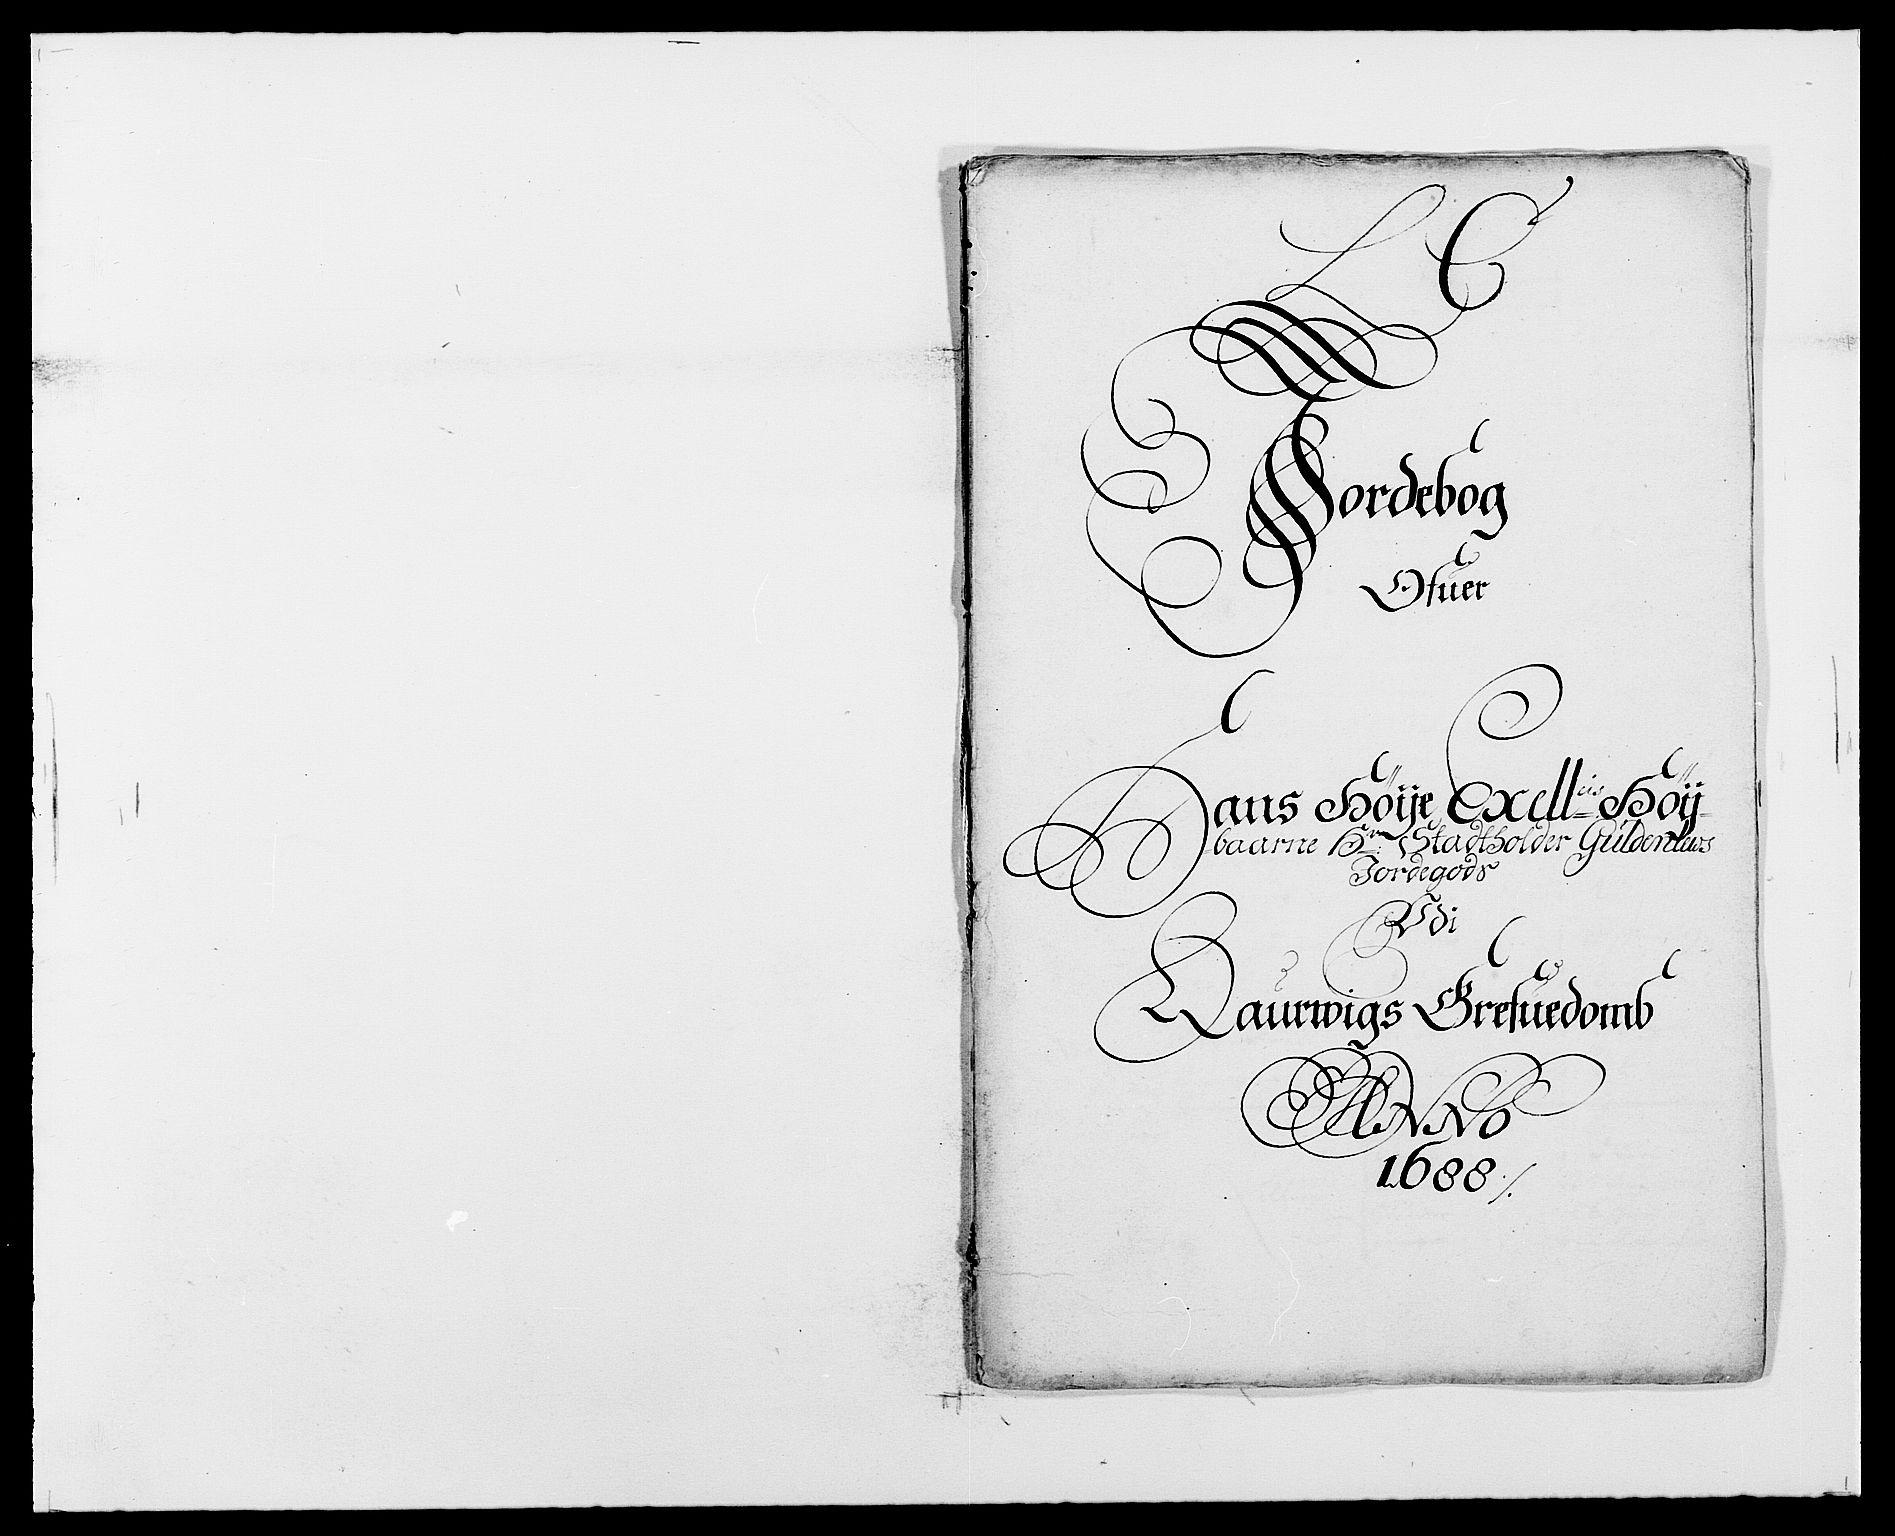 RA, Rentekammeret inntil 1814, Reviderte regnskaper, Fogderegnskap, R33/L1971: Fogderegnskap Larvik grevskap, 1688-1689, s. 61